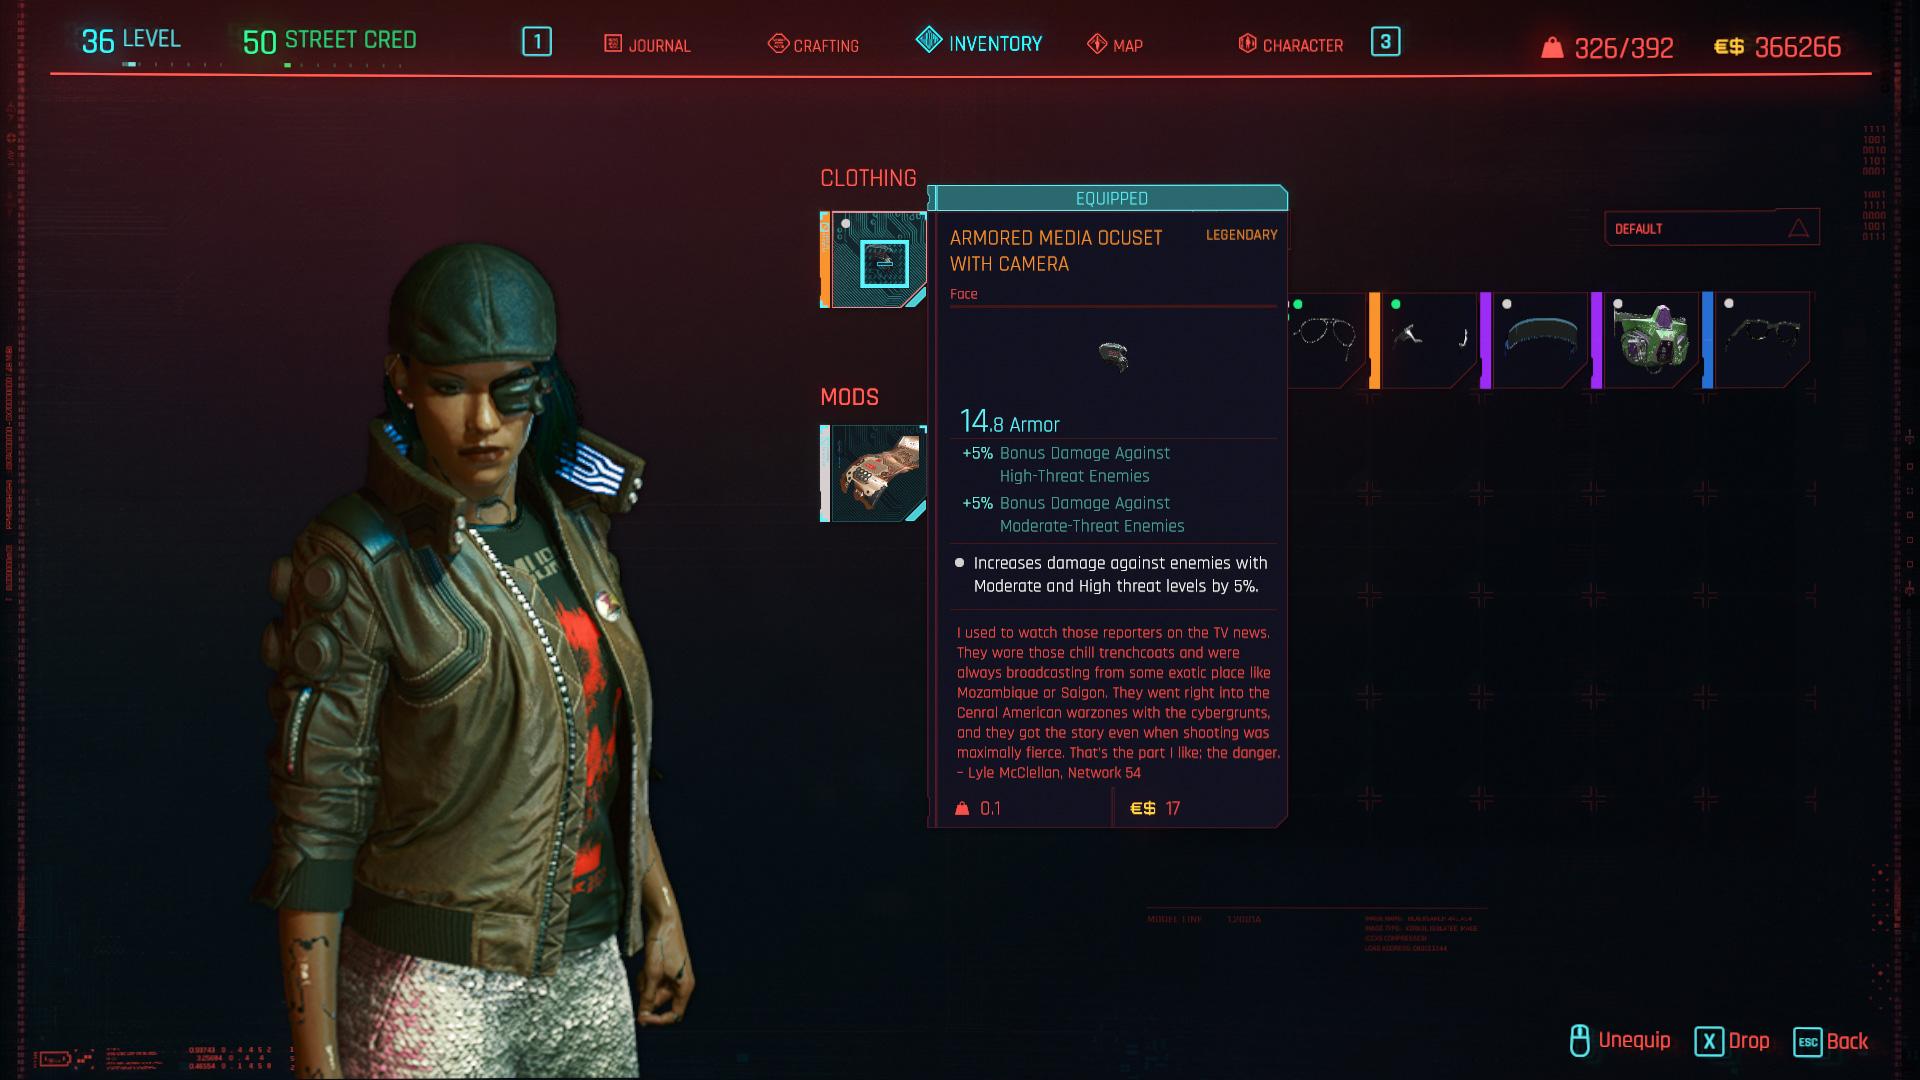 Tous les vêtements légendaires et emblématiques de Cyberpunk 2077 - Armored Media Ocuset avec caméra